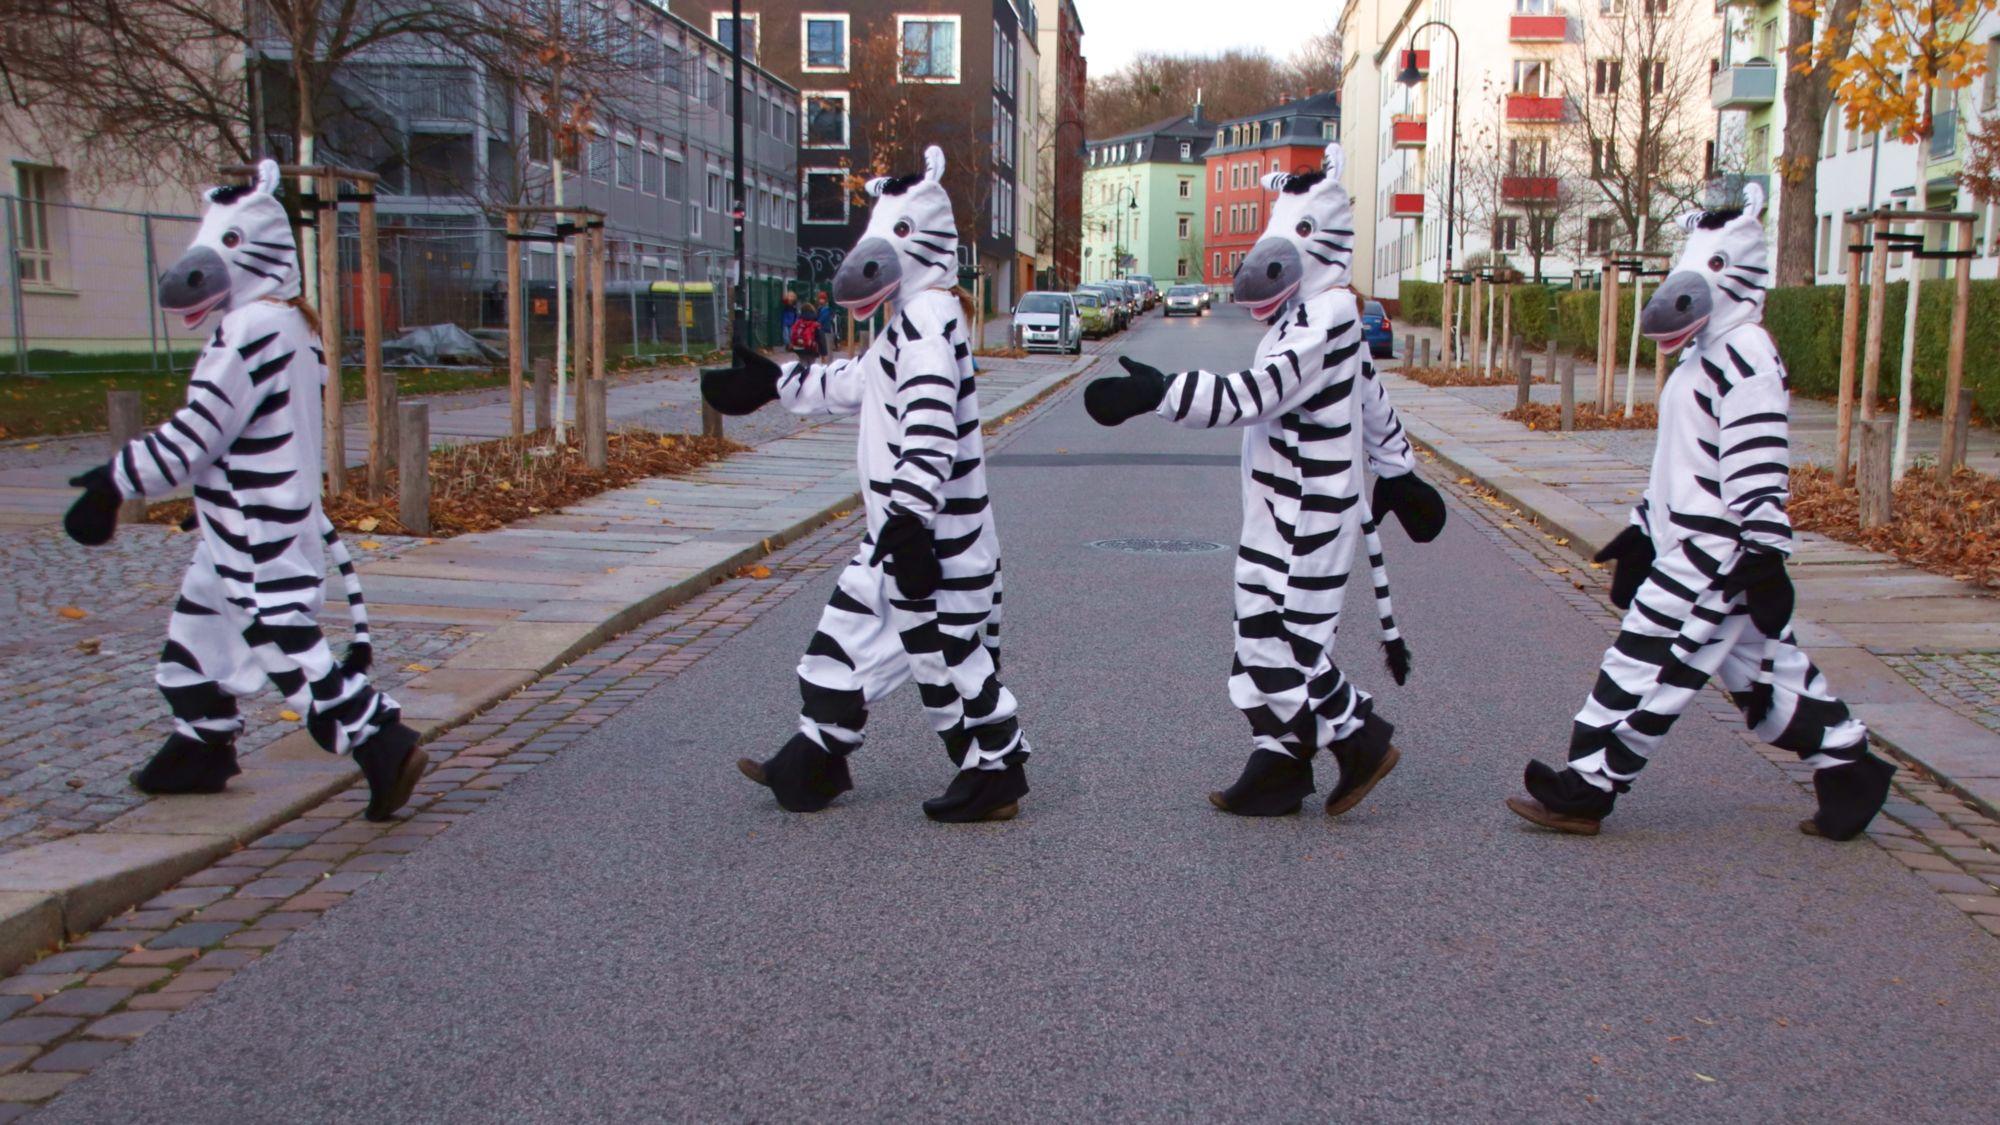 Zebrastreifen für das Hecht-Viertel gefordert - Fotomontage: Anton Launer